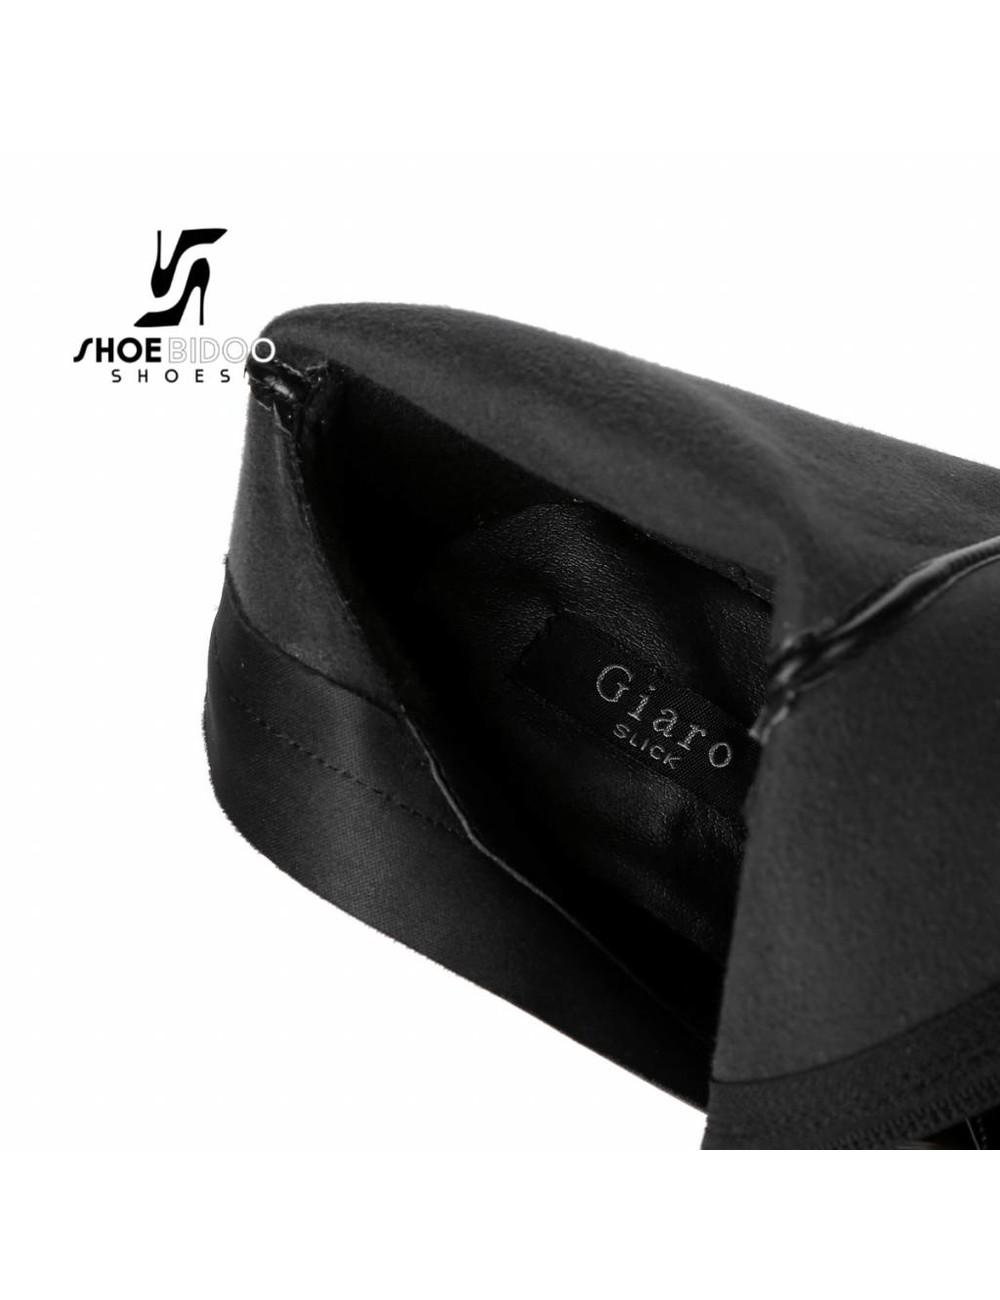 Giaro Zwarte lak dijlaarzen met ultra hoge hakken in zilverkleur OUTLET